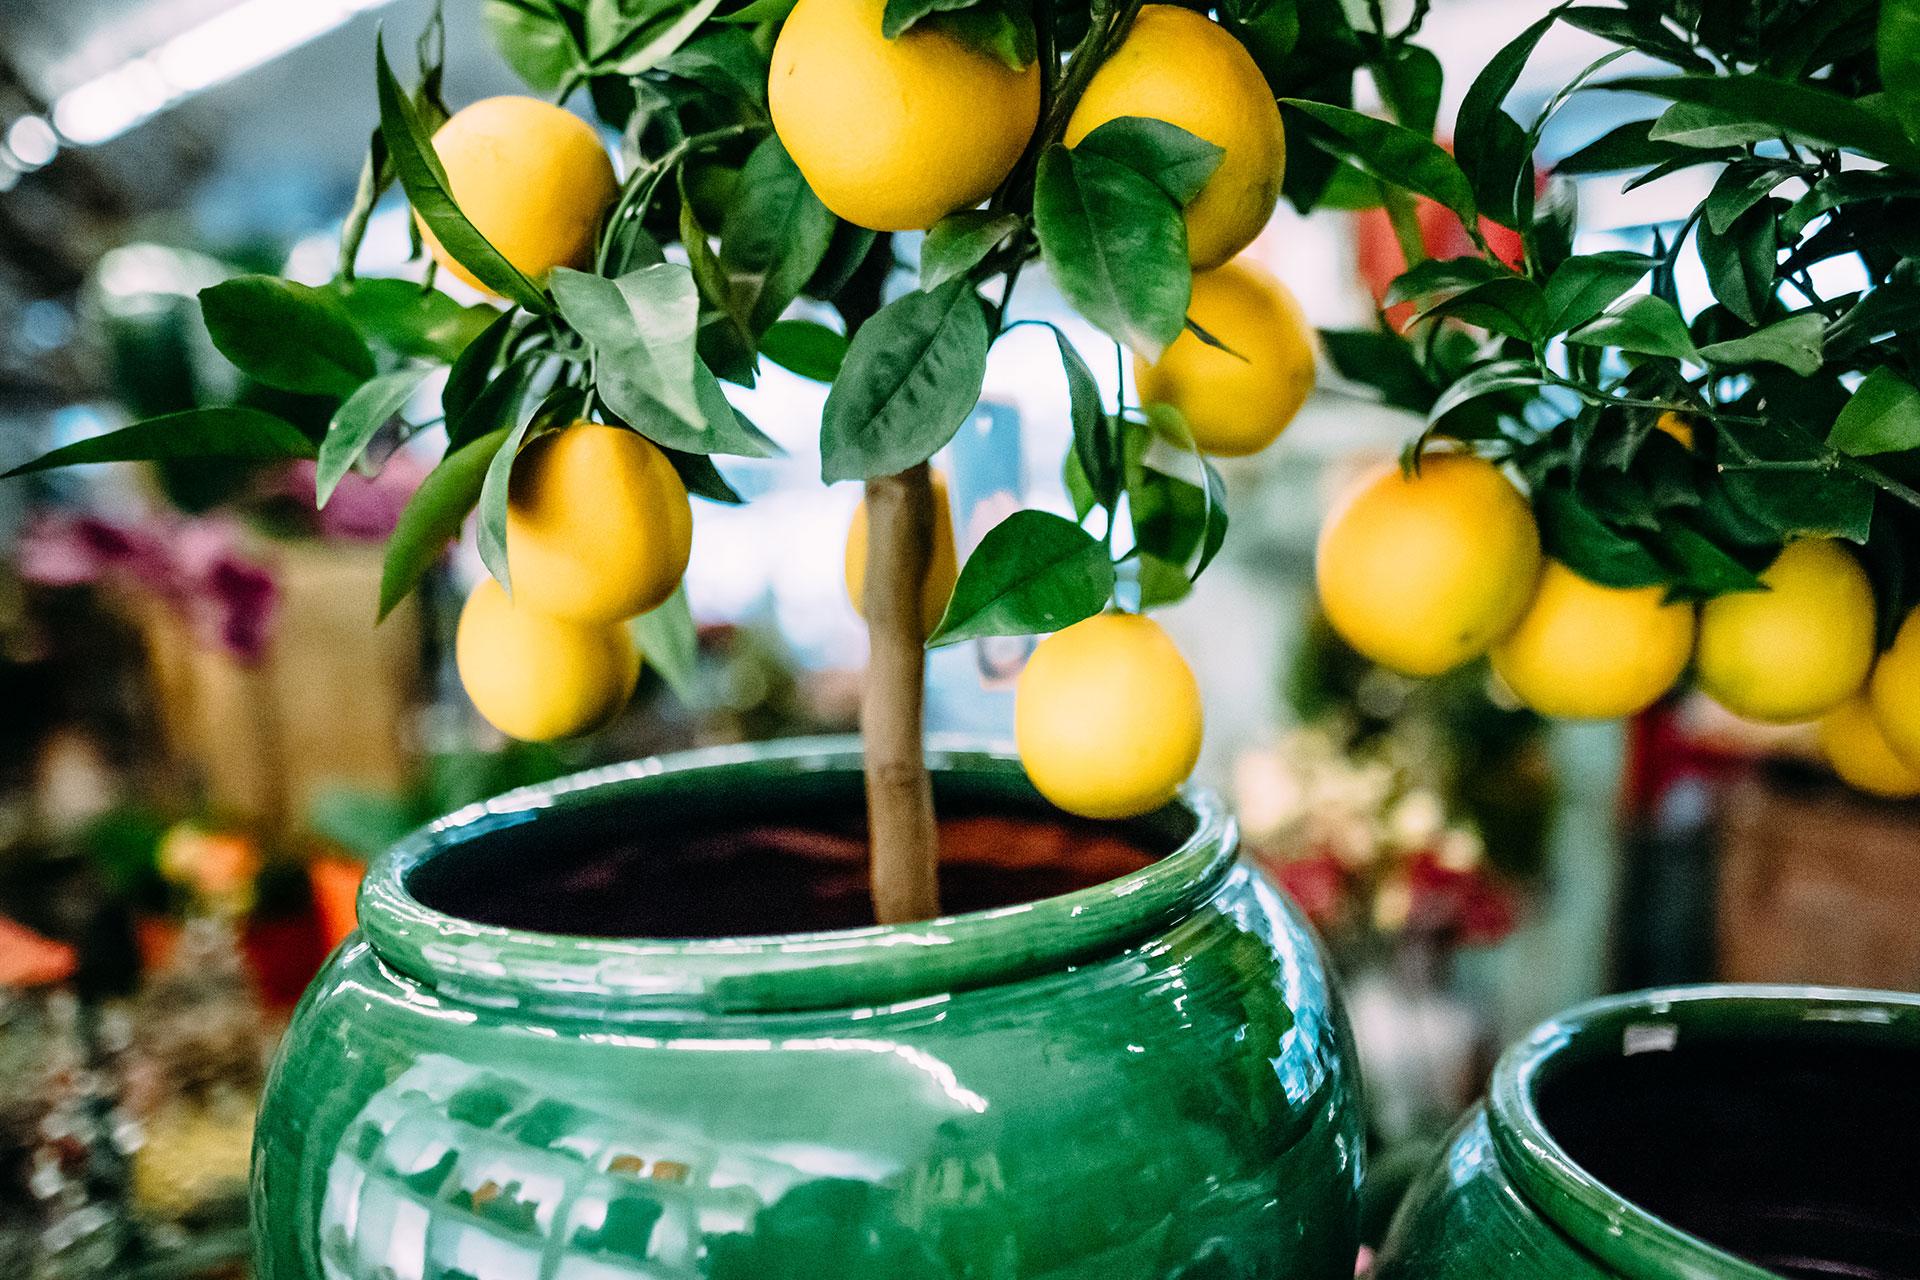 Pflegeleichte Zimmerpflanzen als ideale Innenraumbegrünung